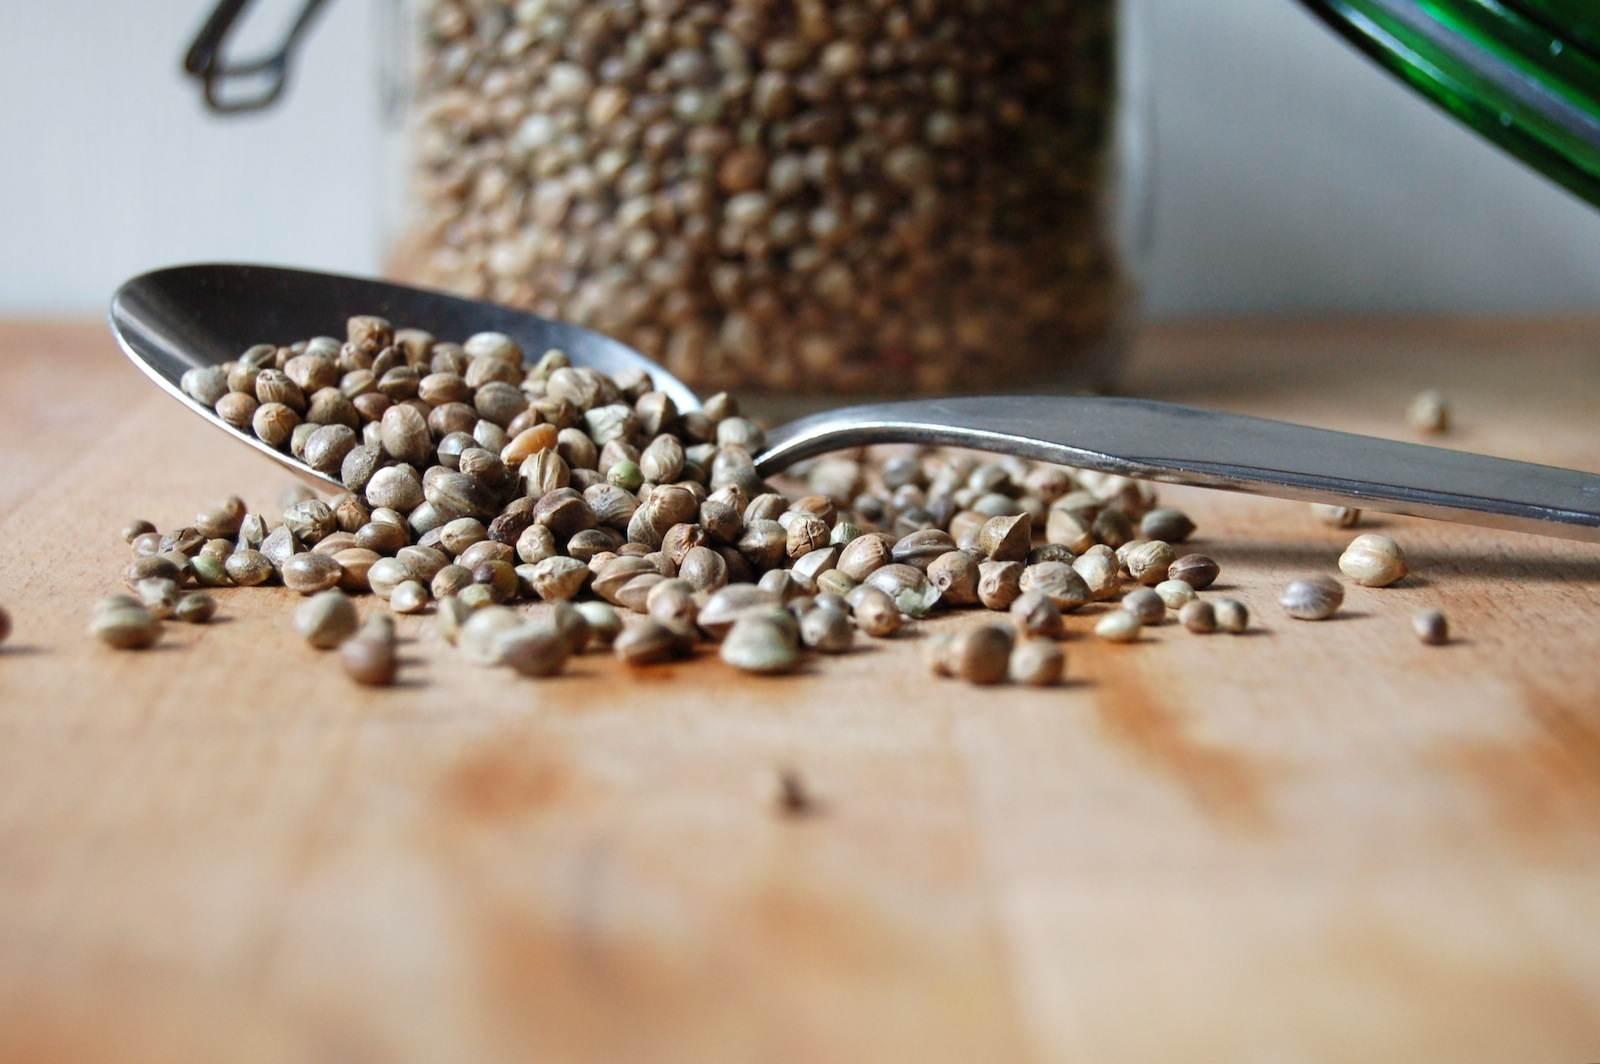 Roasted hemp seeds